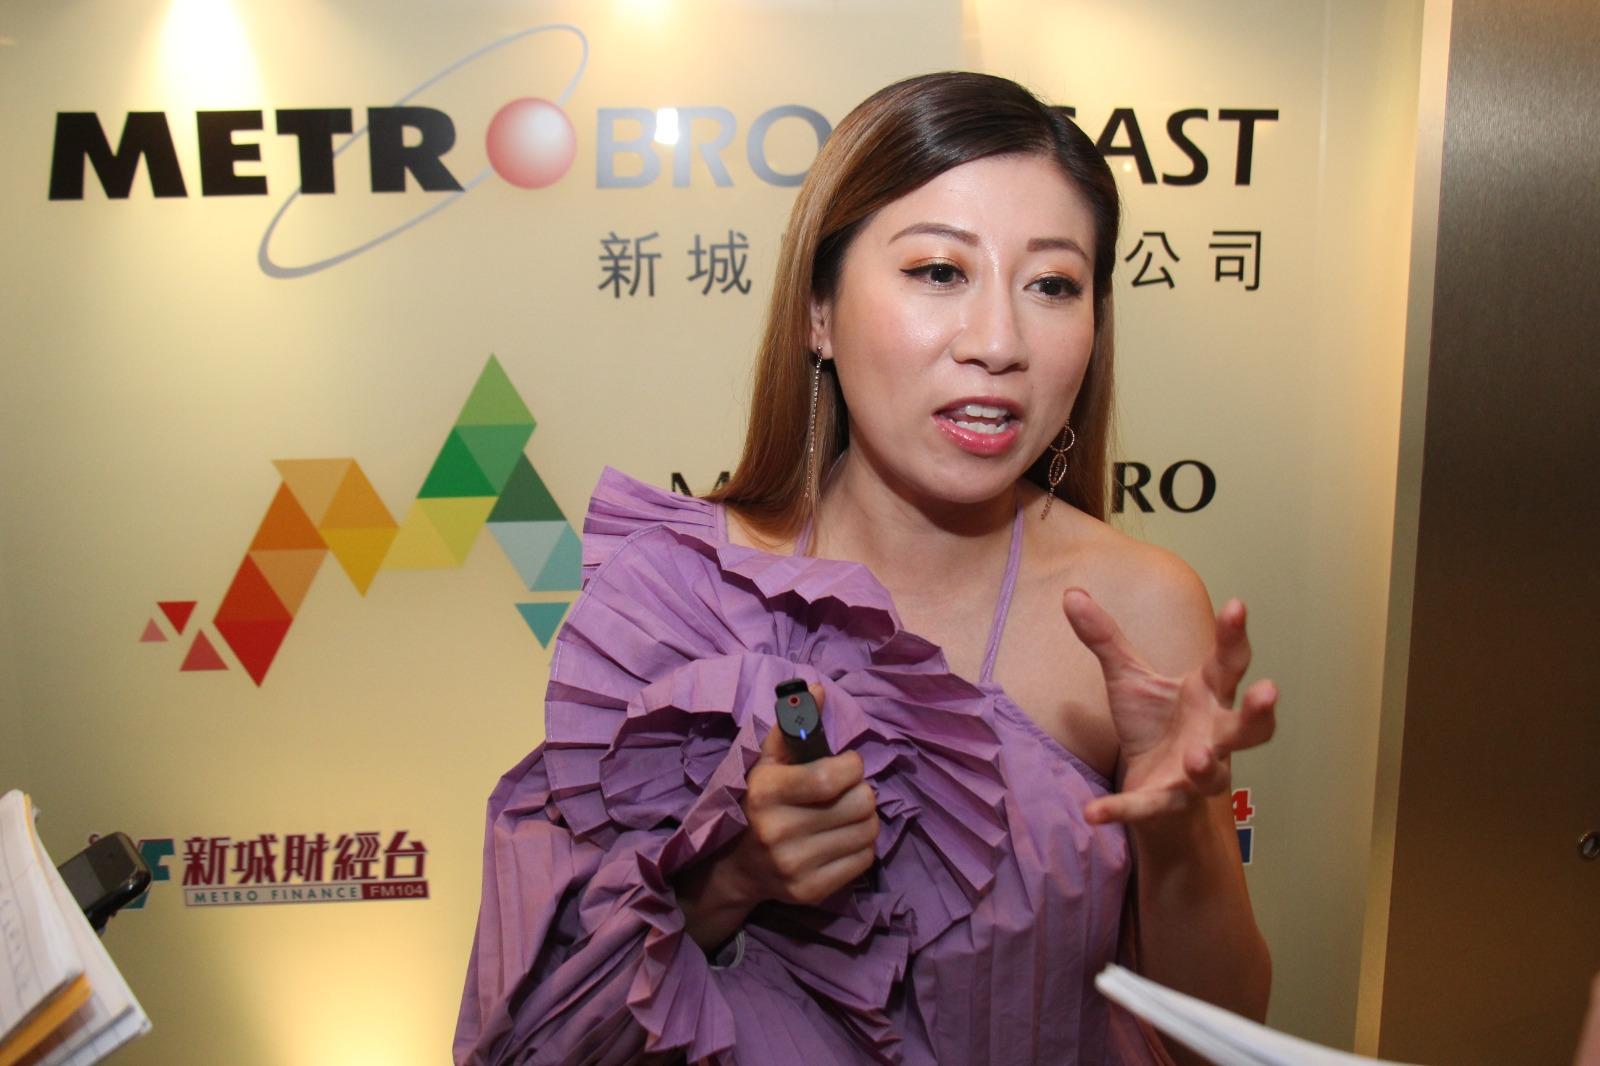 劉晨芝謂還有另一部戲洽商中,可能連拍兩部後才返港。